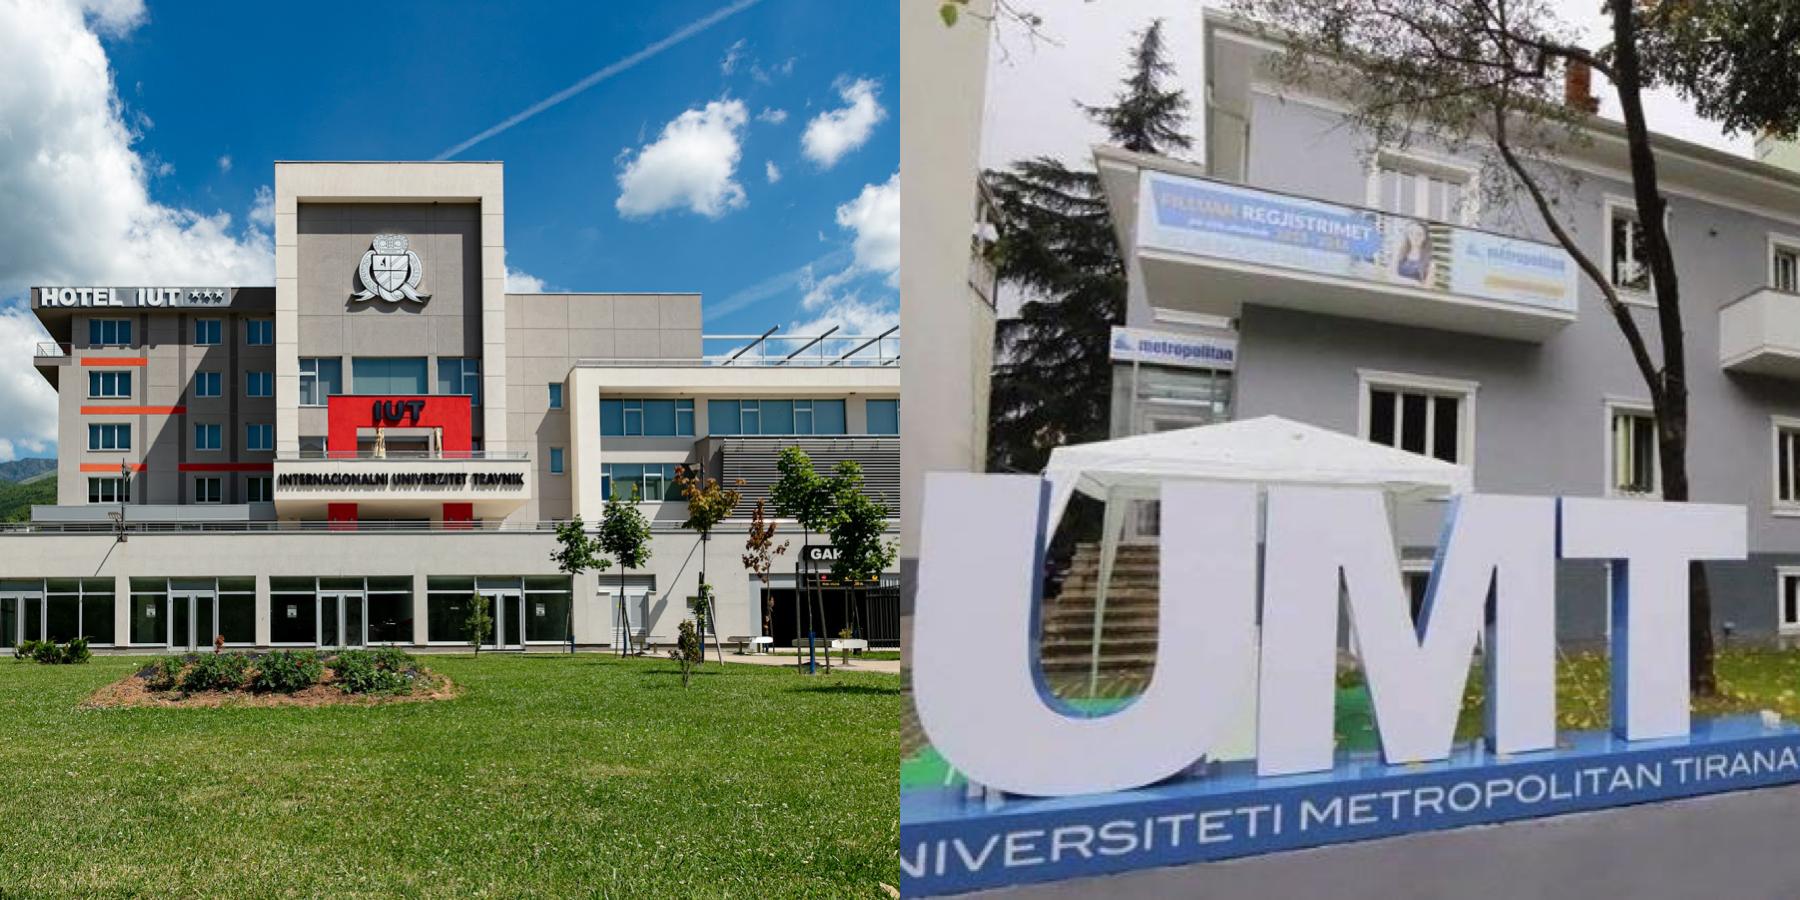 Potpisan Sporazum O Saradnji Između Internacionalnog Univerziteta Travnik I Metropolitan Tirana Univerziteta, Albanija